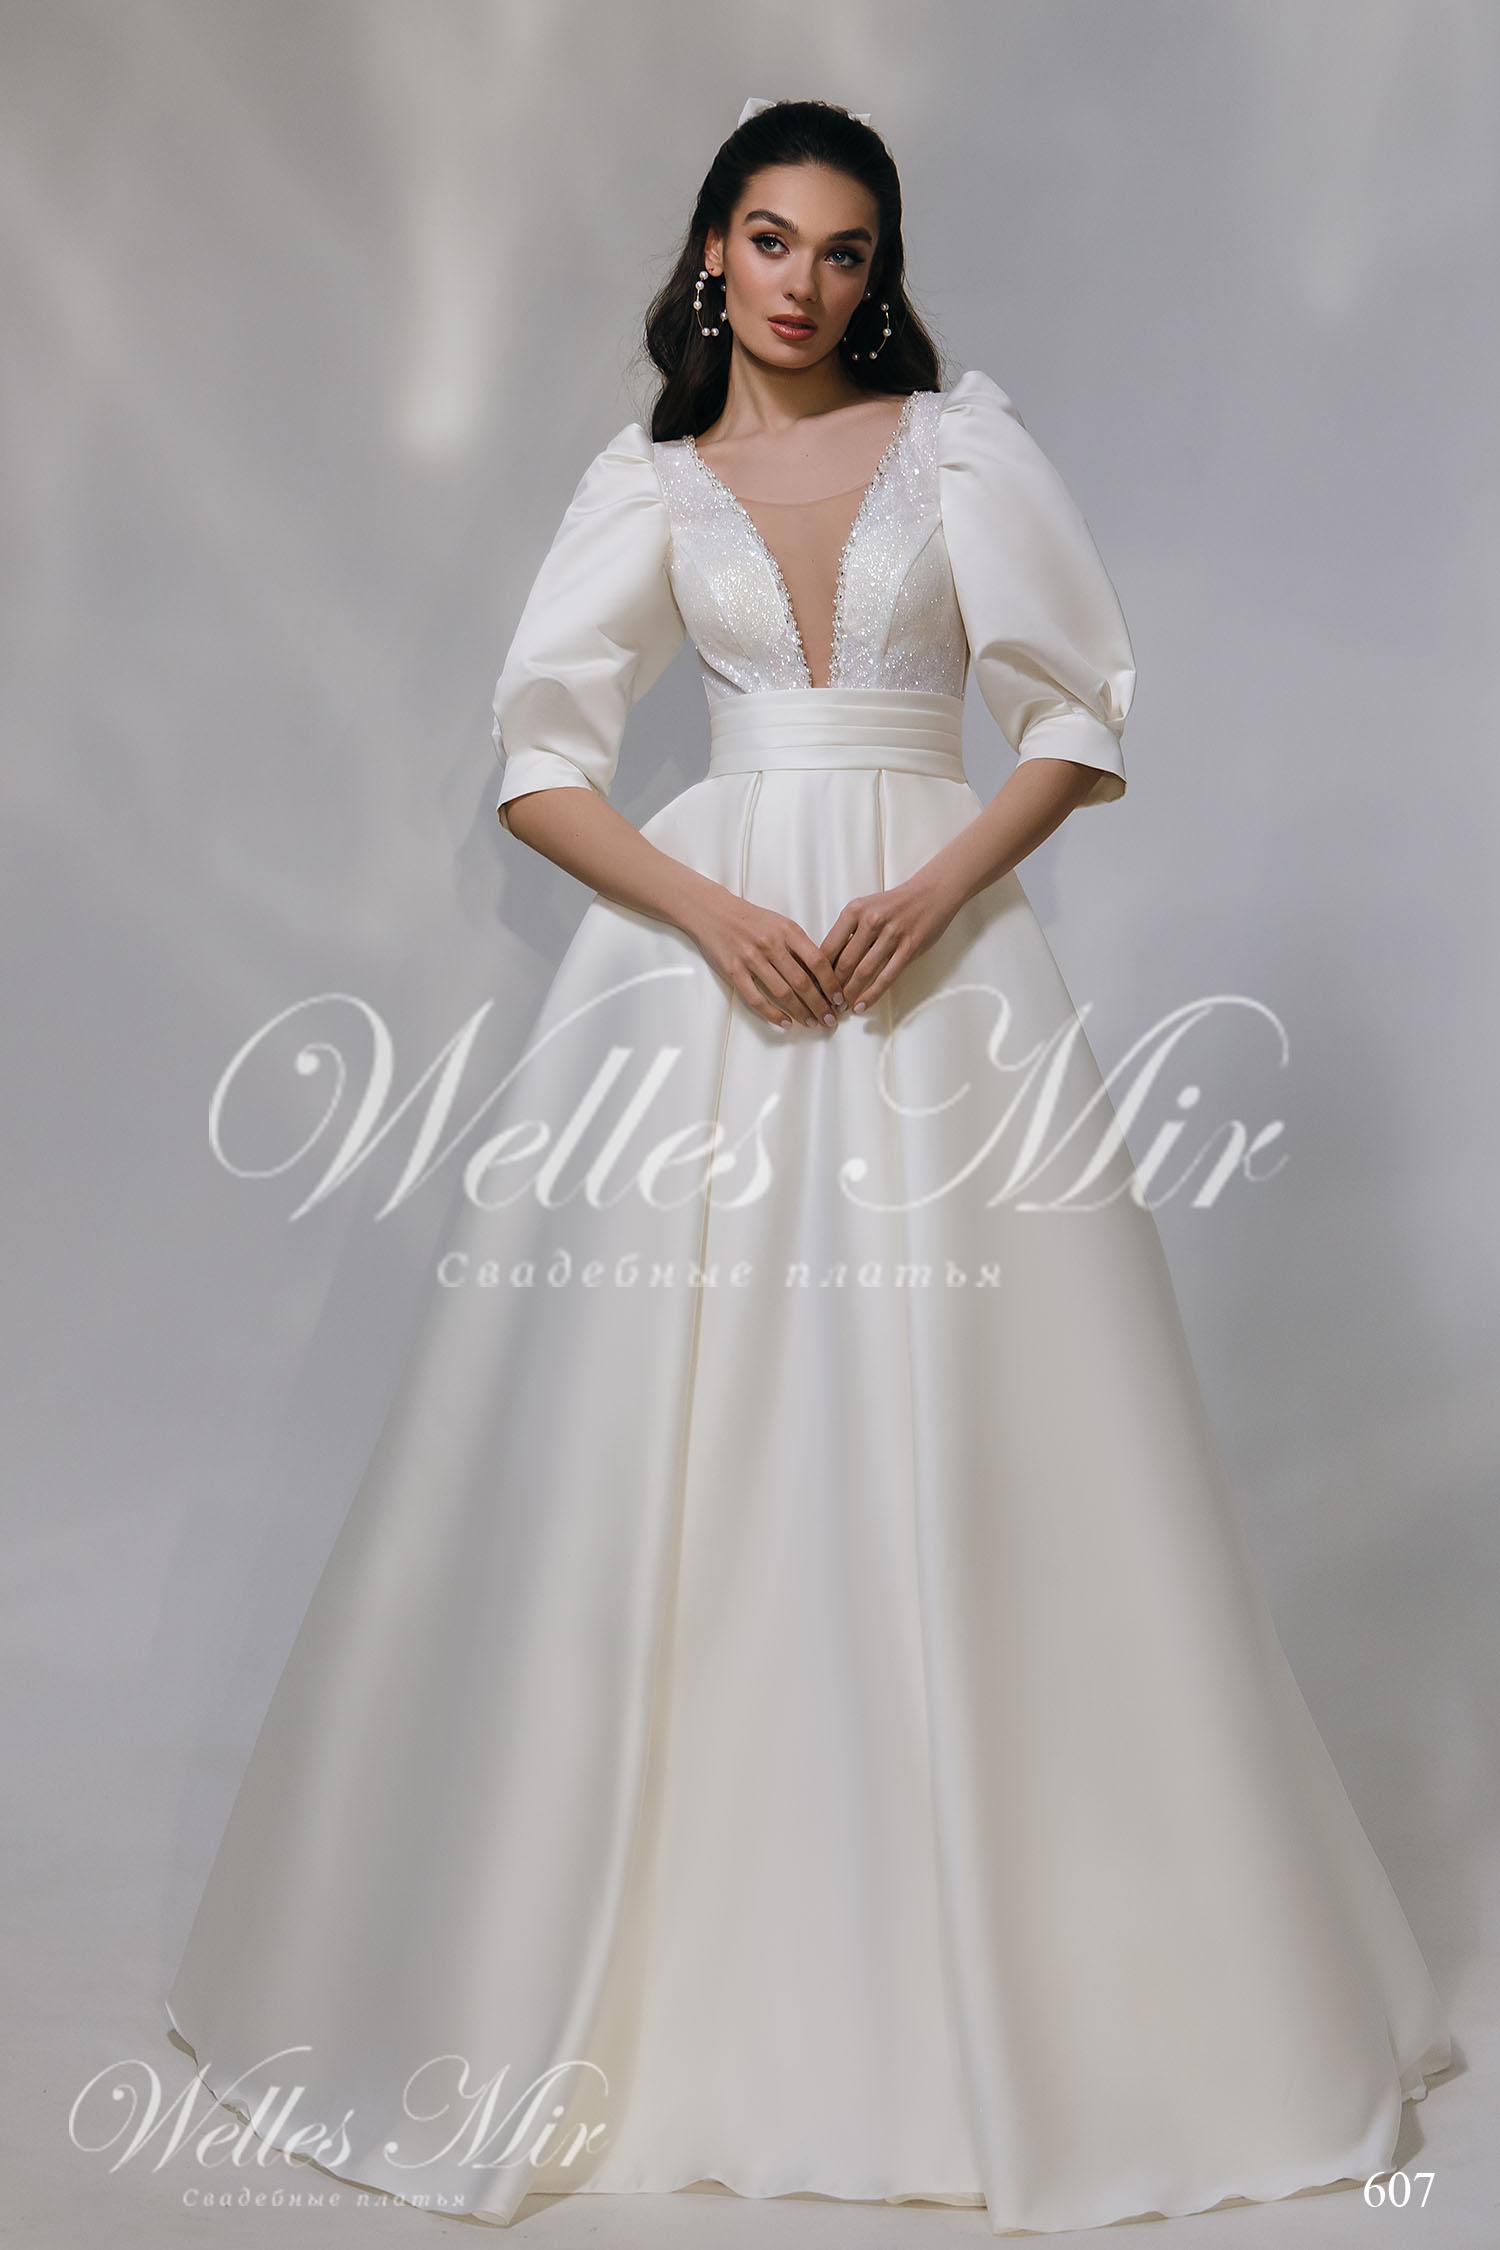 Свадебные платья Nothern Lights - 607